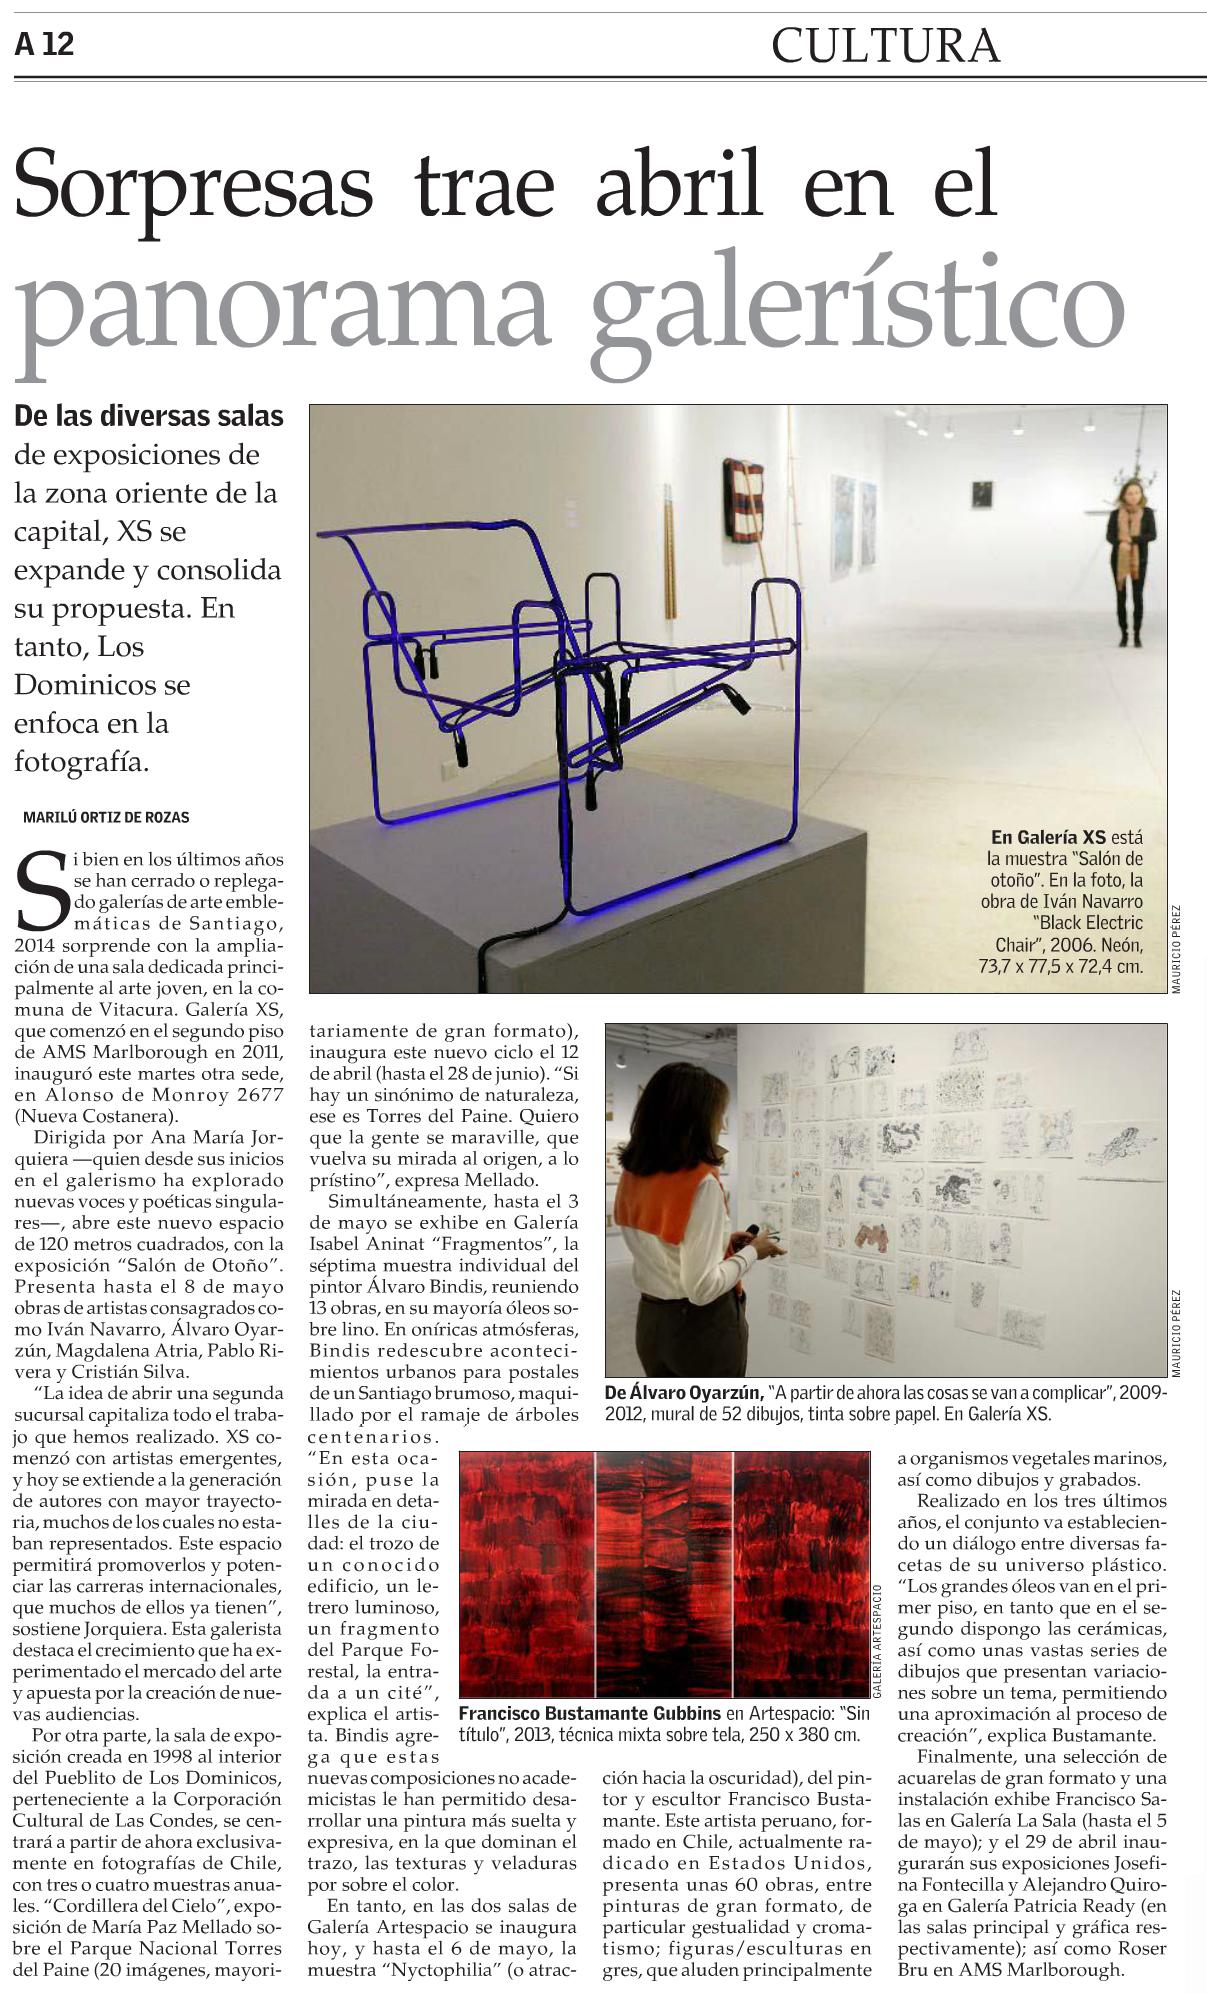 El Mercurio, jueves 10 abril 2014